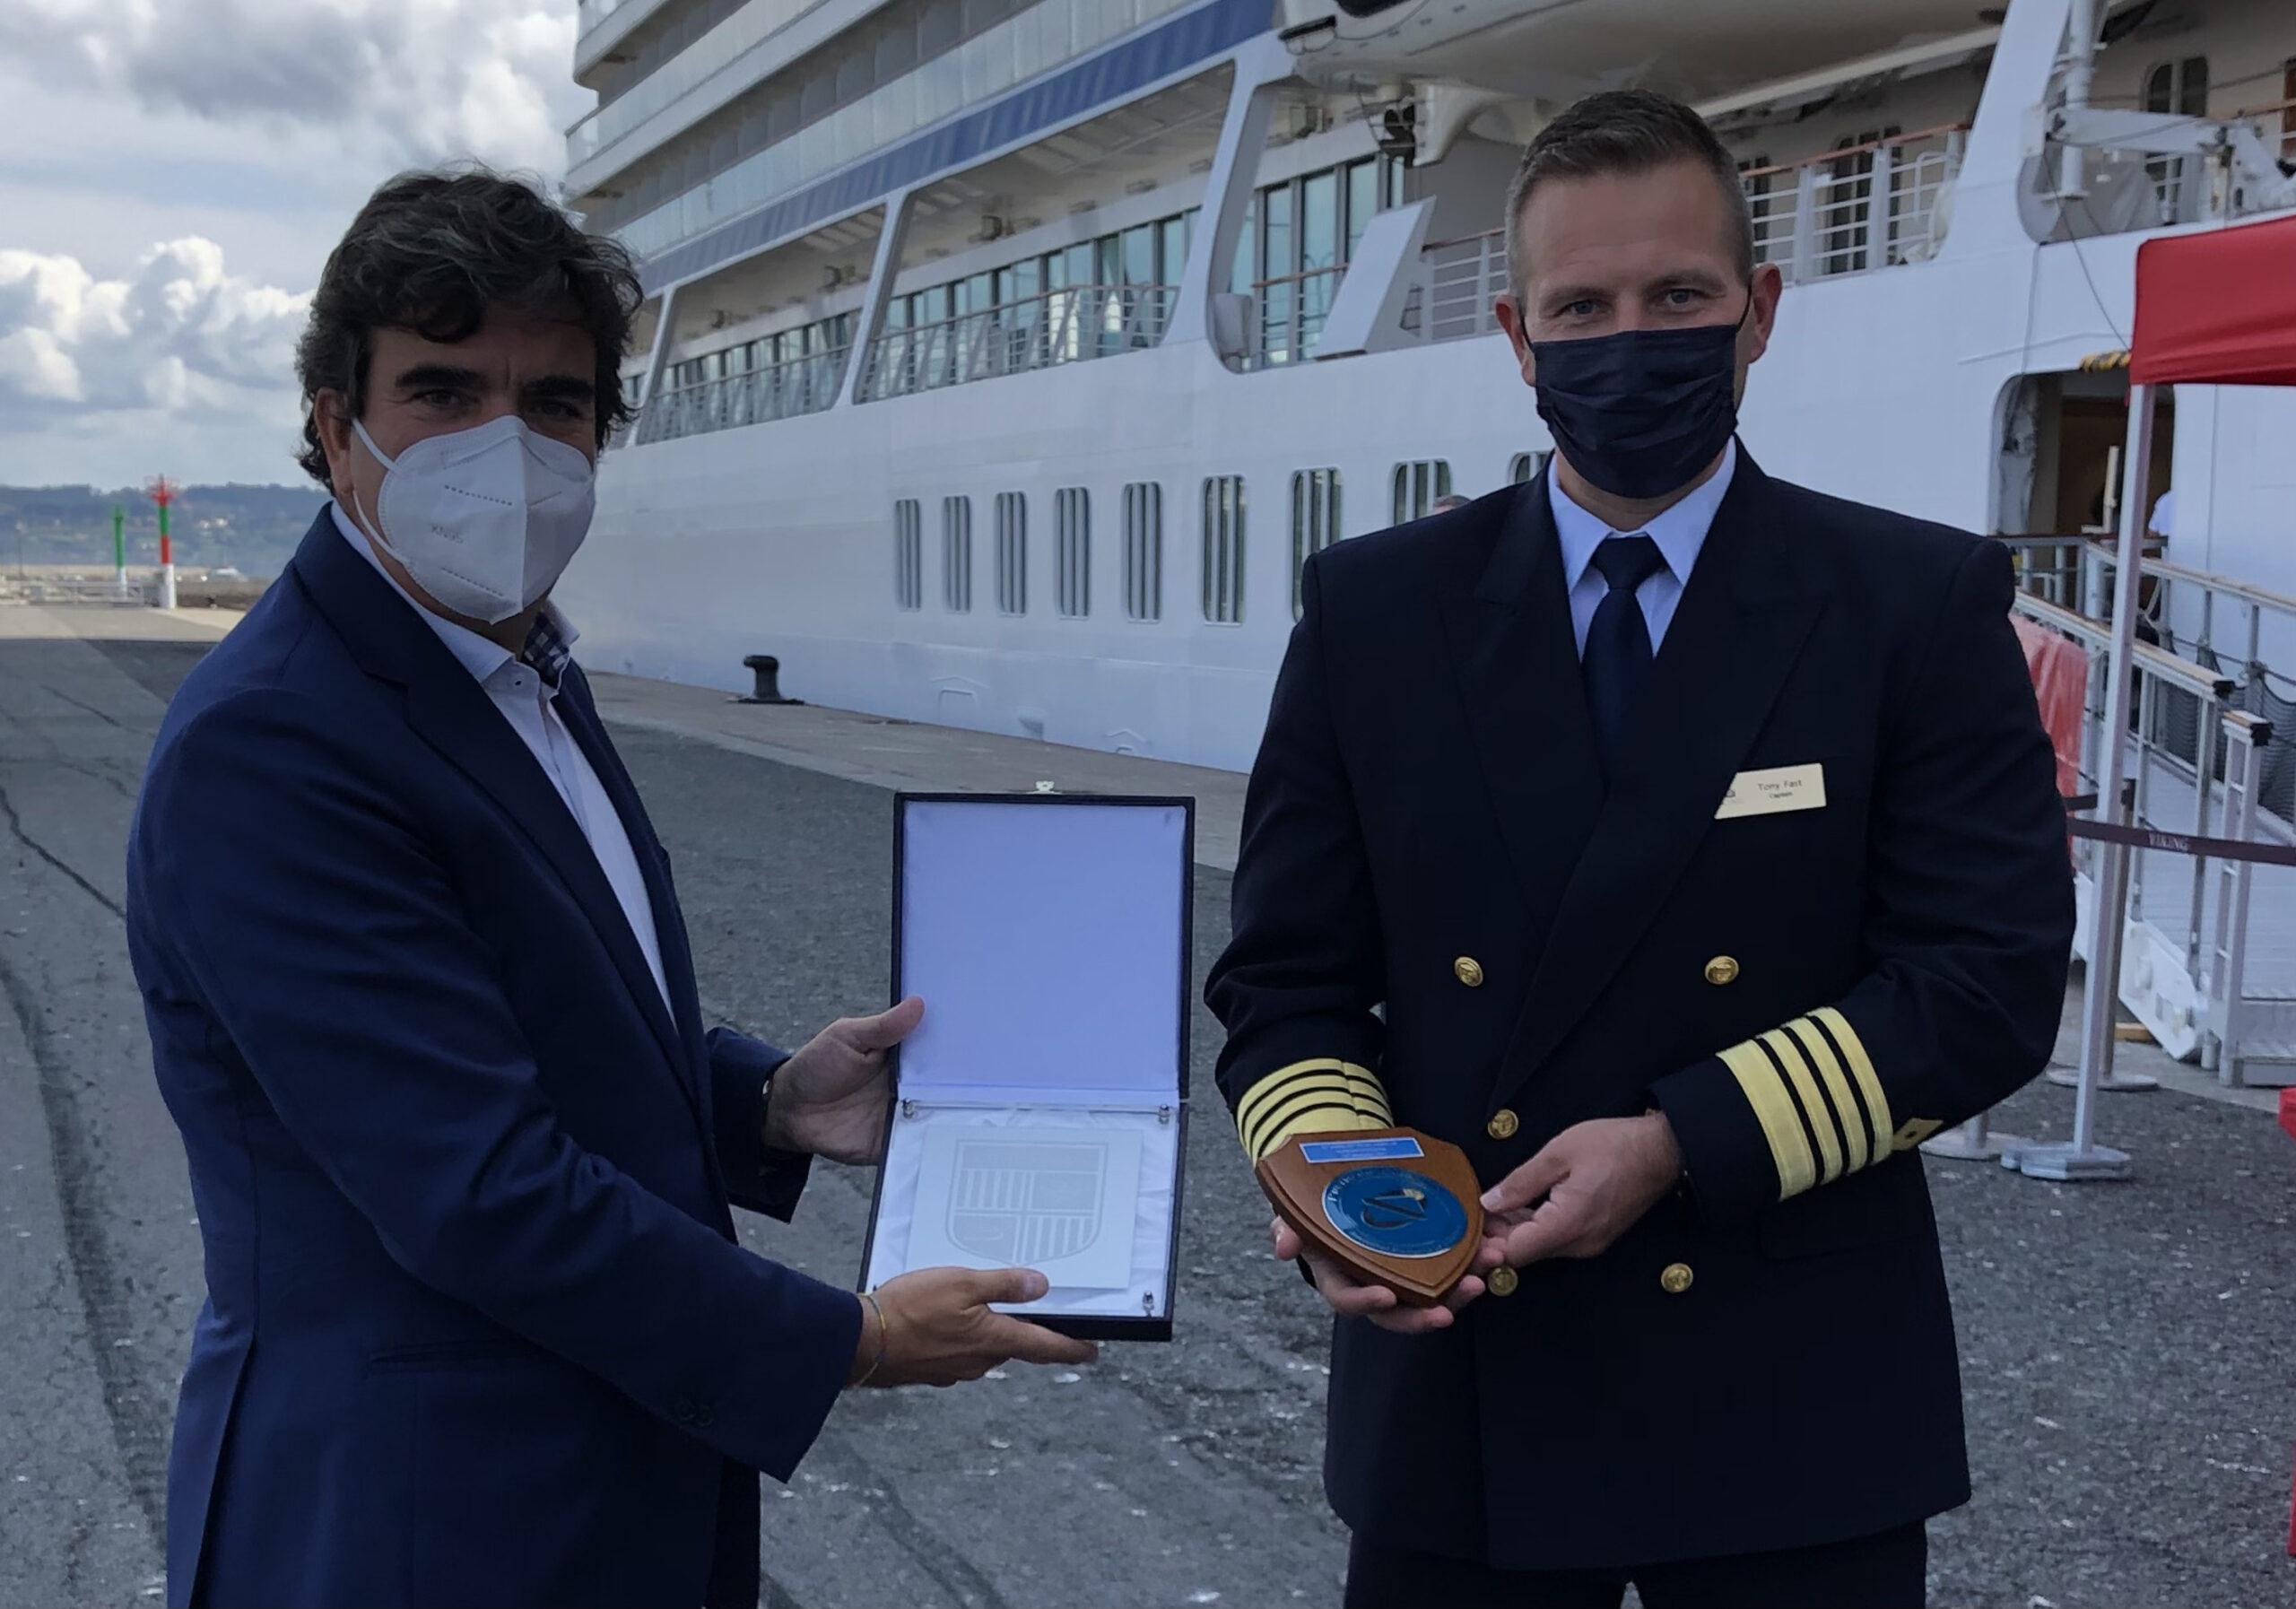 Satisfacción tras la primera escala de cruceros en La Coruña tras la pandemia